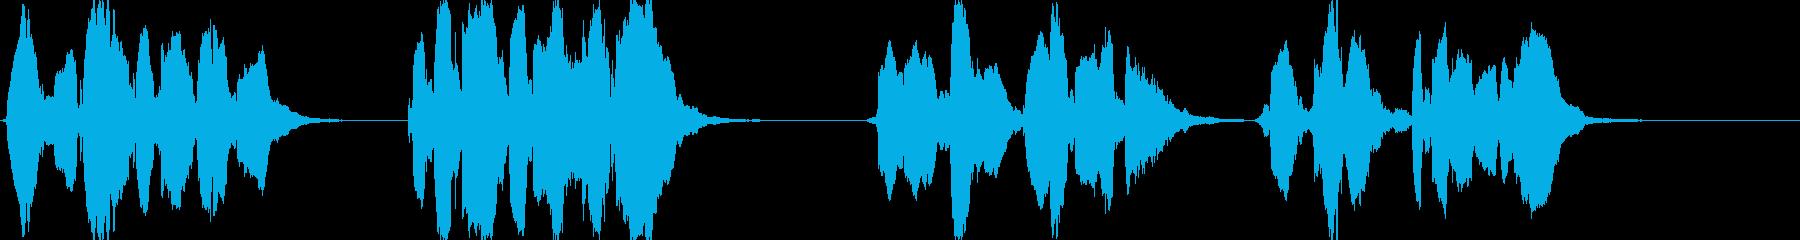 スカボロー・フェアのアカペラの再生済みの波形